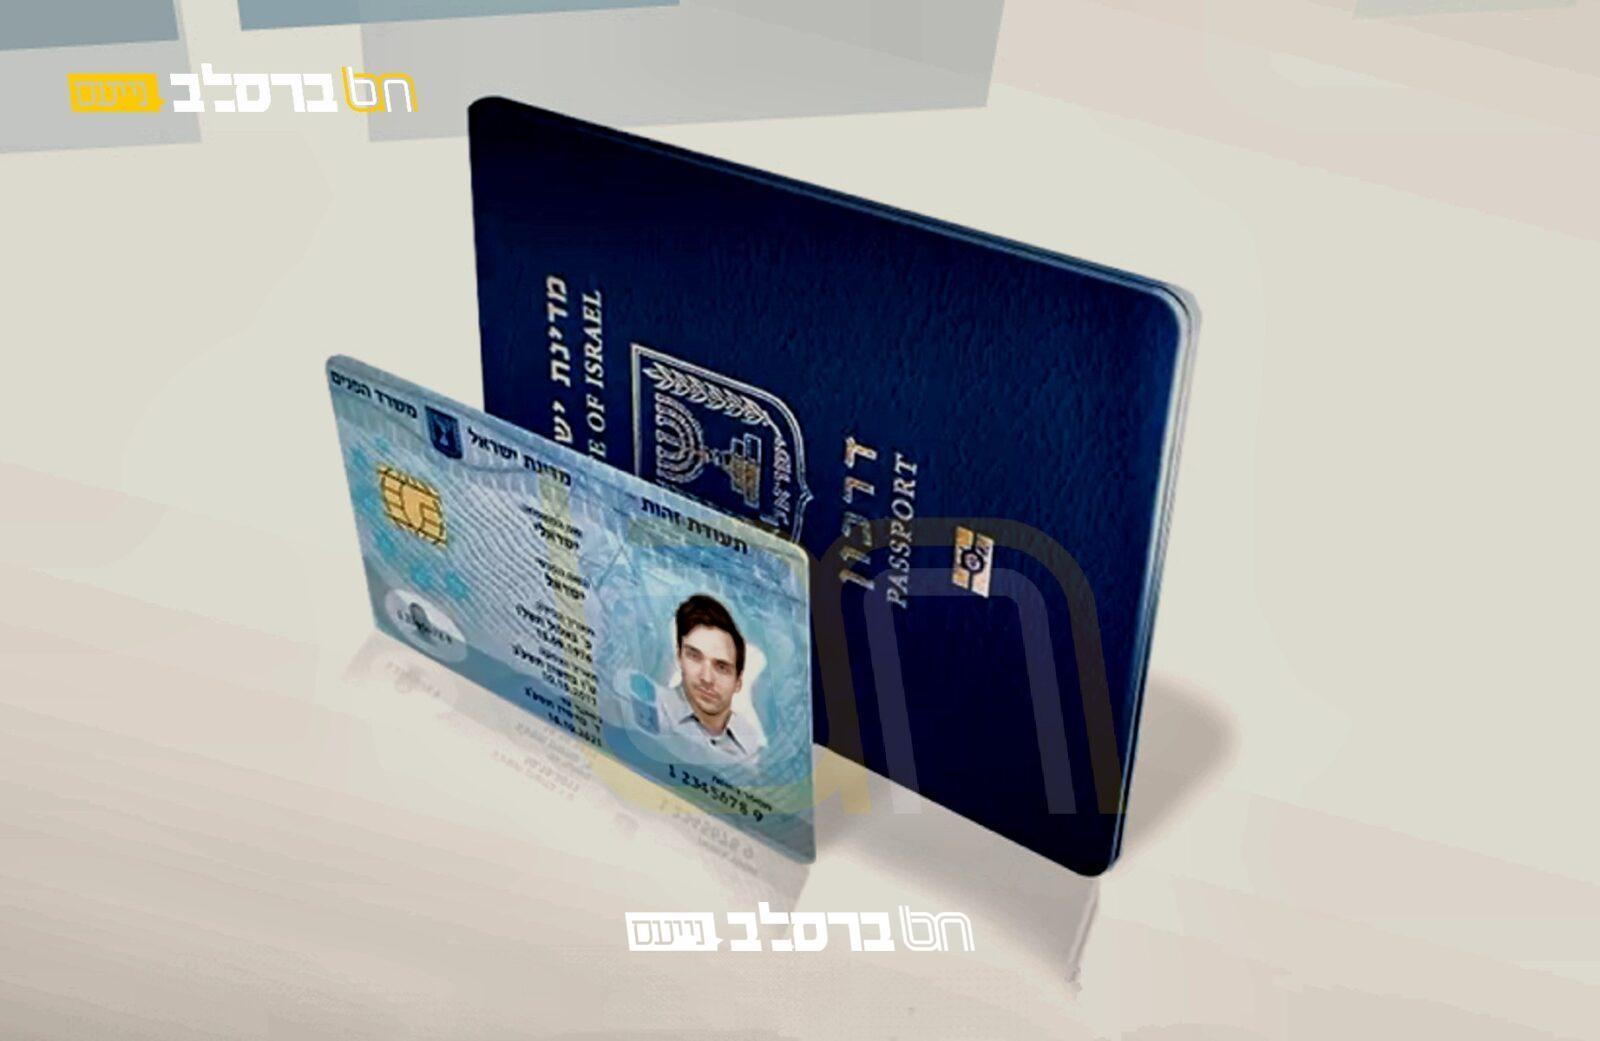 דרכונים • ימים אחרונים להנפקת או חידוש הדרכון